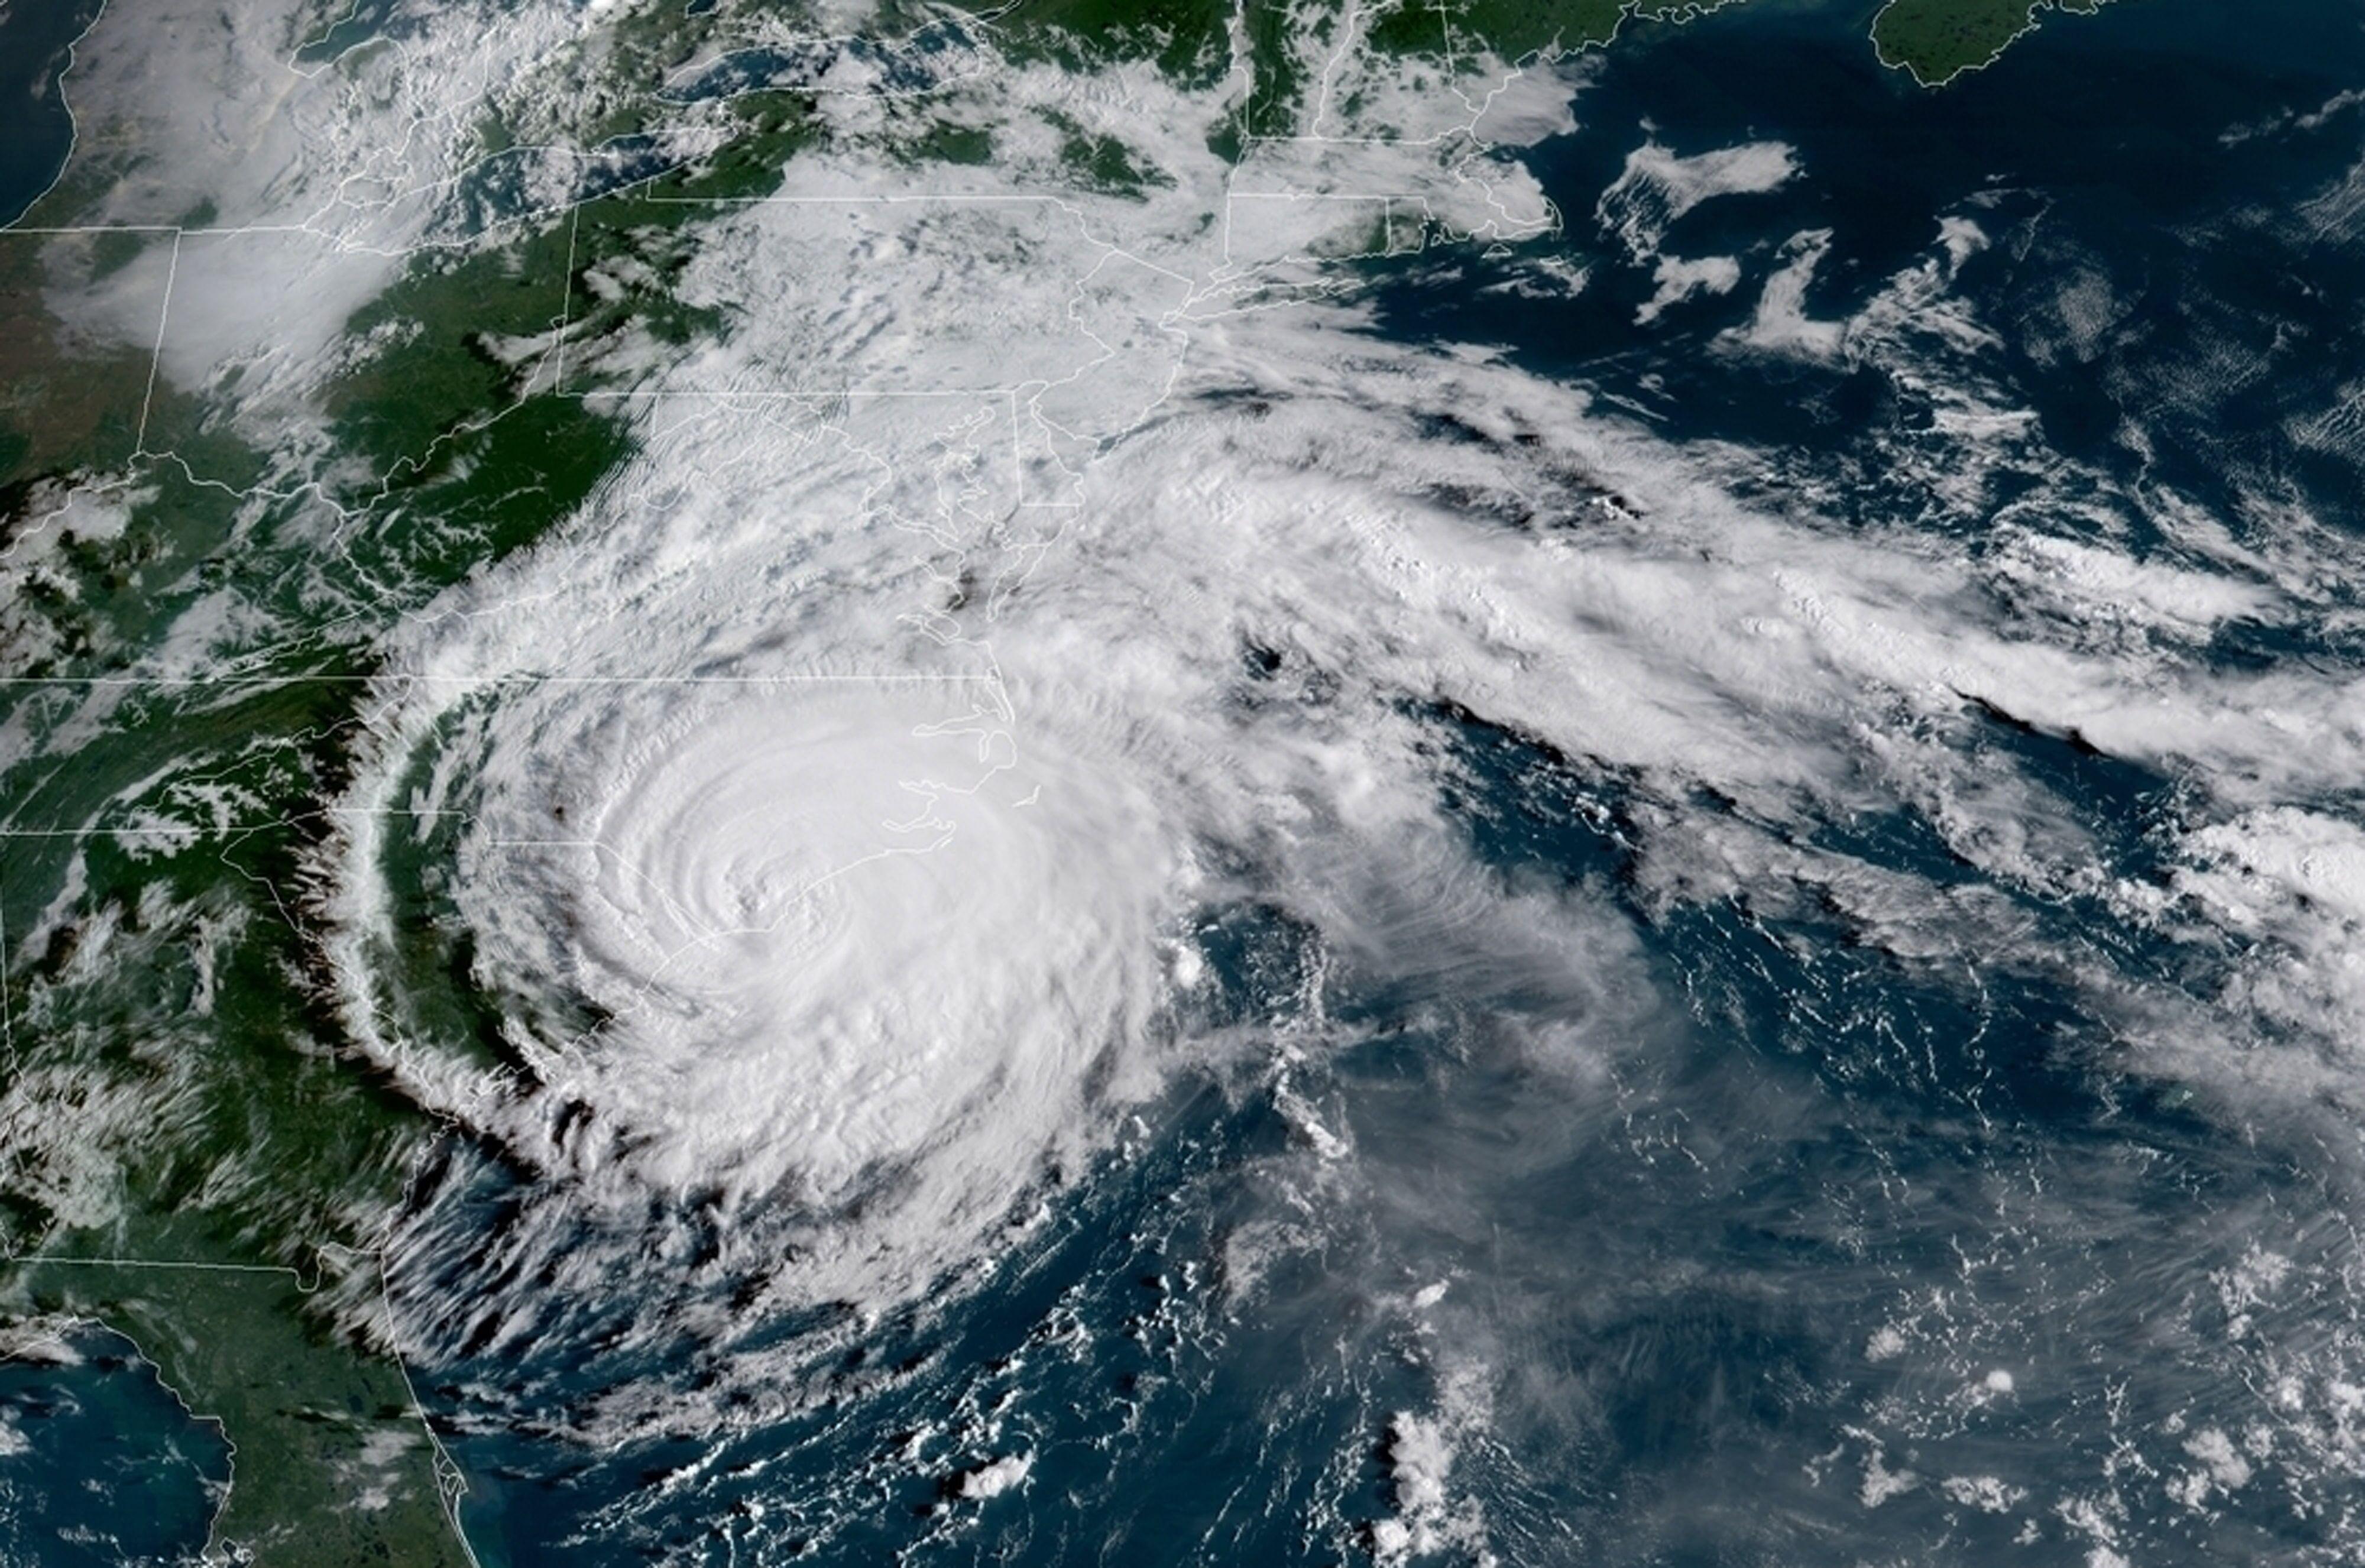 الإعصار من صورة عبر الستالايت بعدما وصل الولايات الساحلية